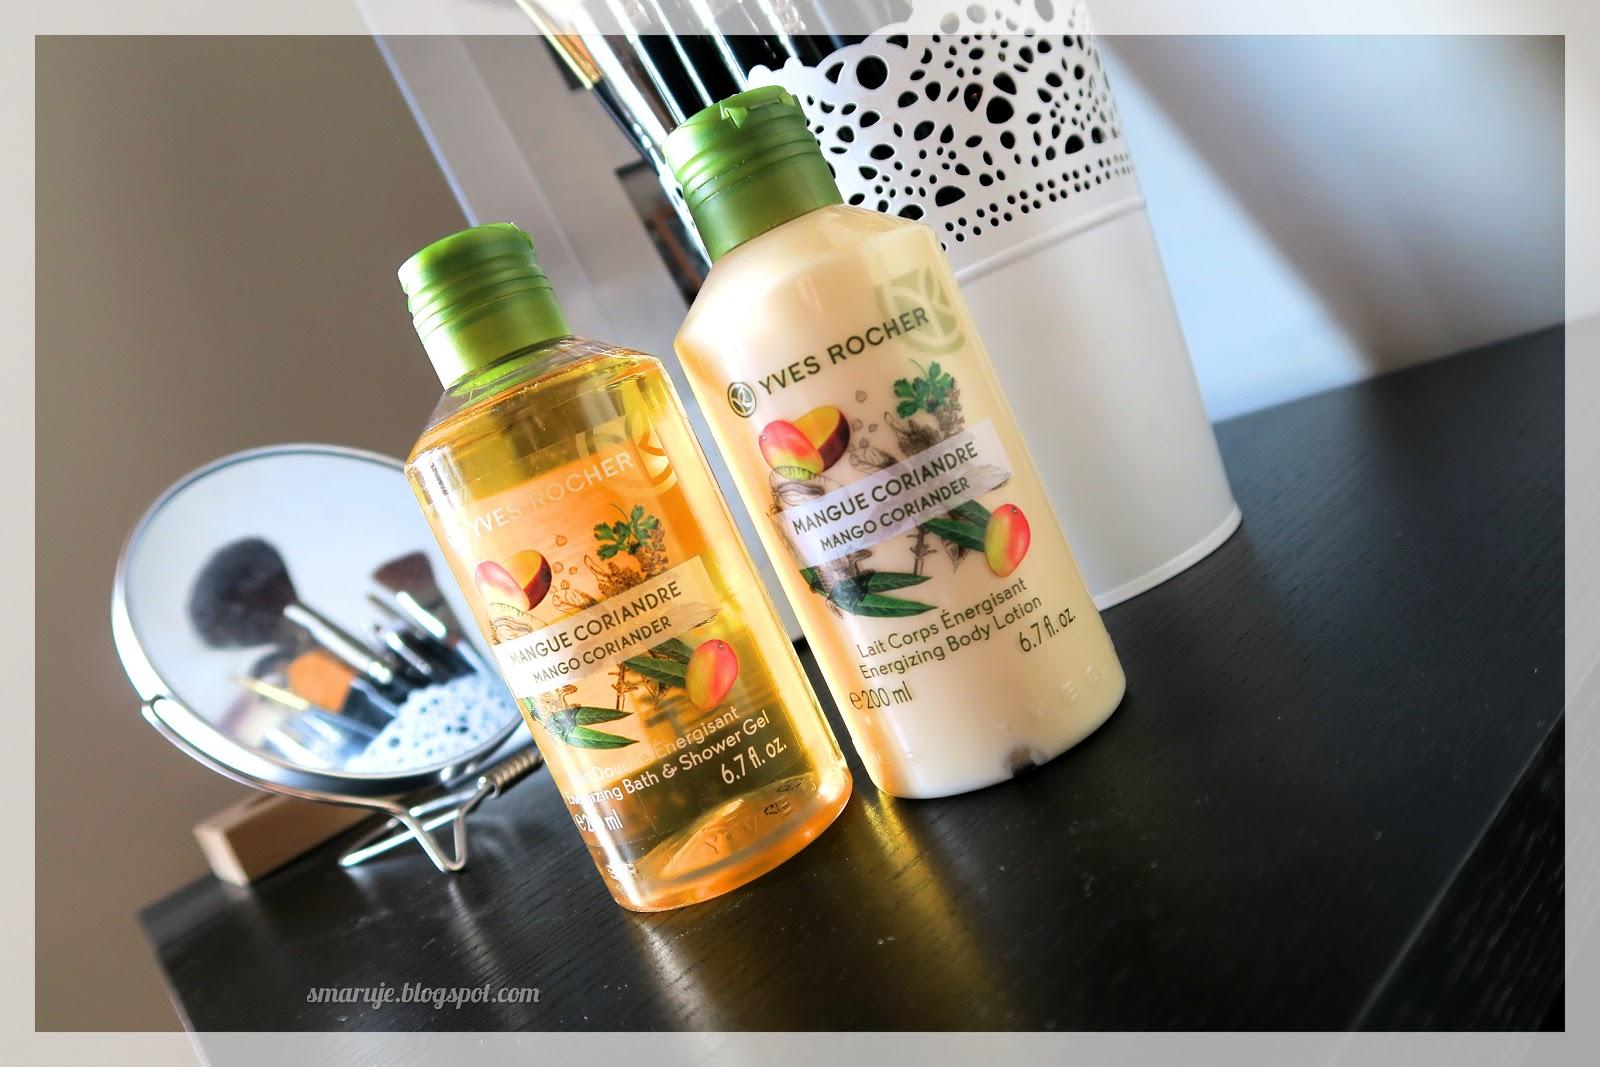 Jest moc! Yves Rocher – Mango & kolendra – Energizujący żel pod prysznic i Energizujące mleczko do ciała /recenzja/